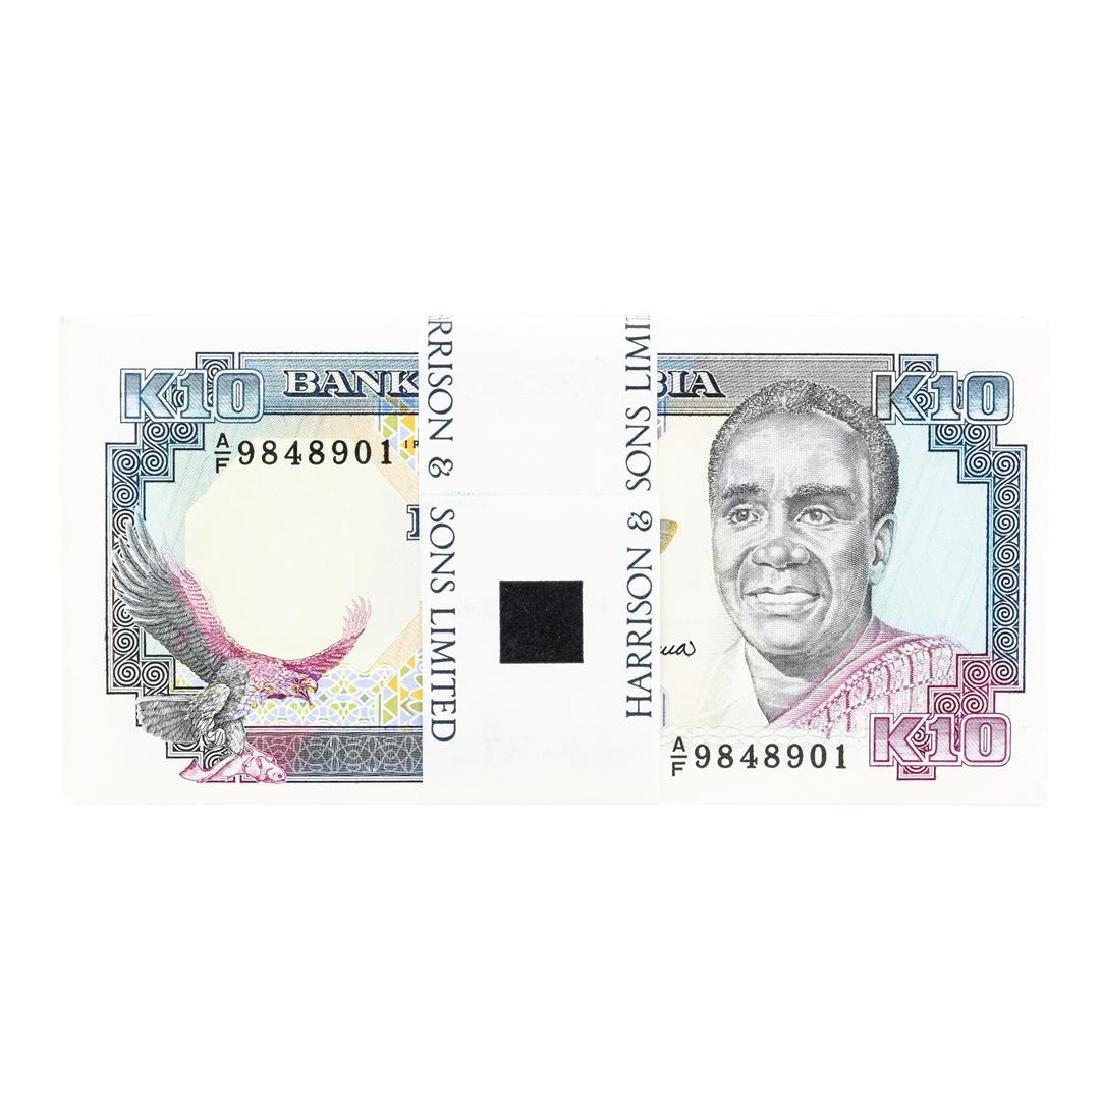 Pack of (100) Zambia 10 Kawacha Uncirculated Notes